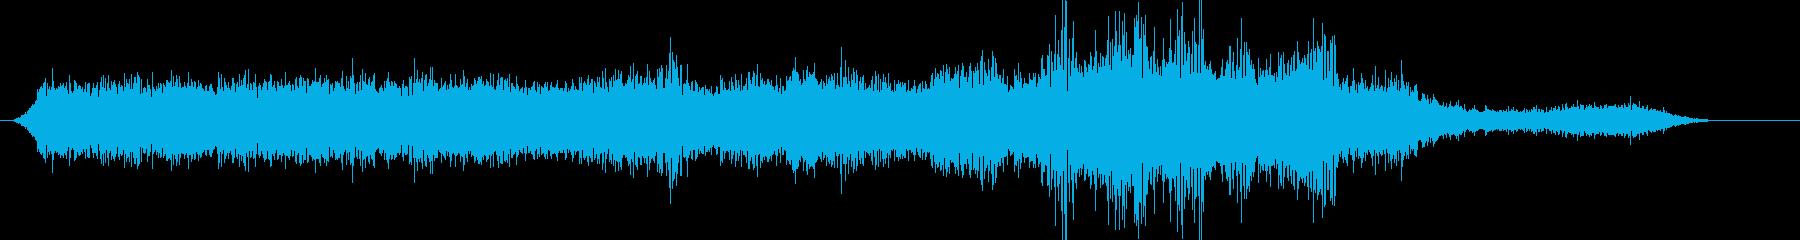 SH-3Hシーキング:アイドル、航...の再生済みの波形